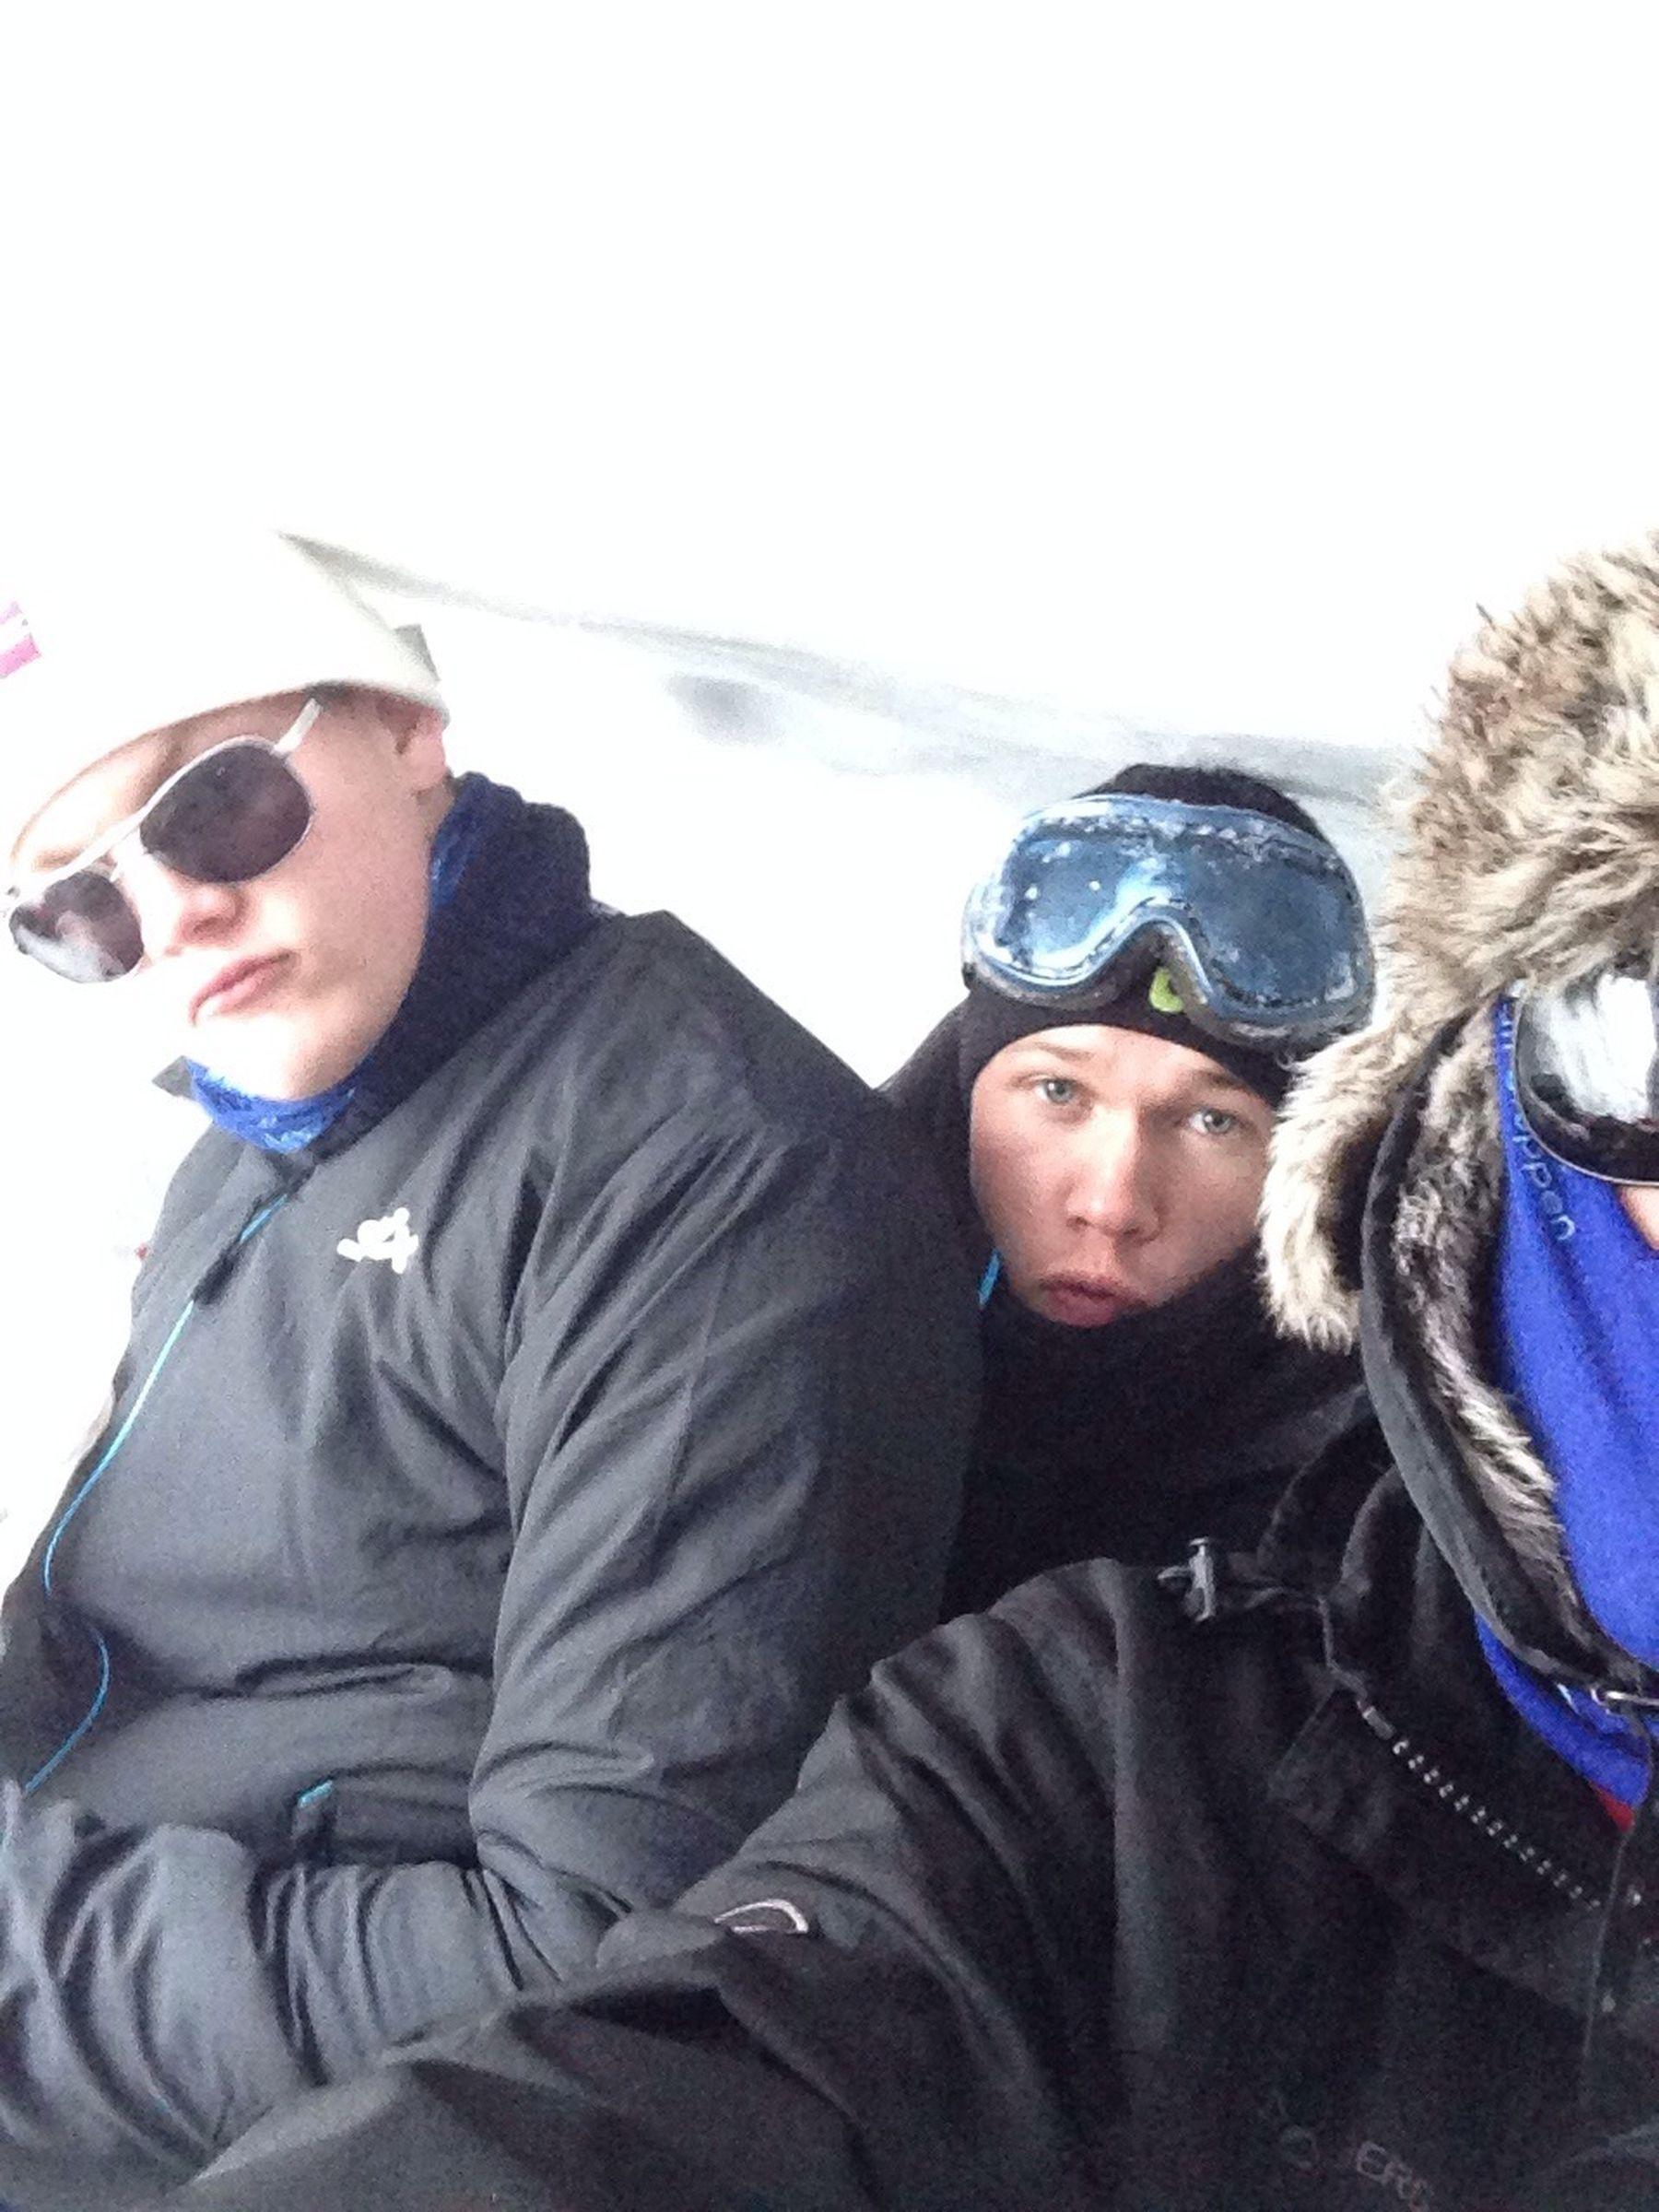 Hulemenn at Nordpolen